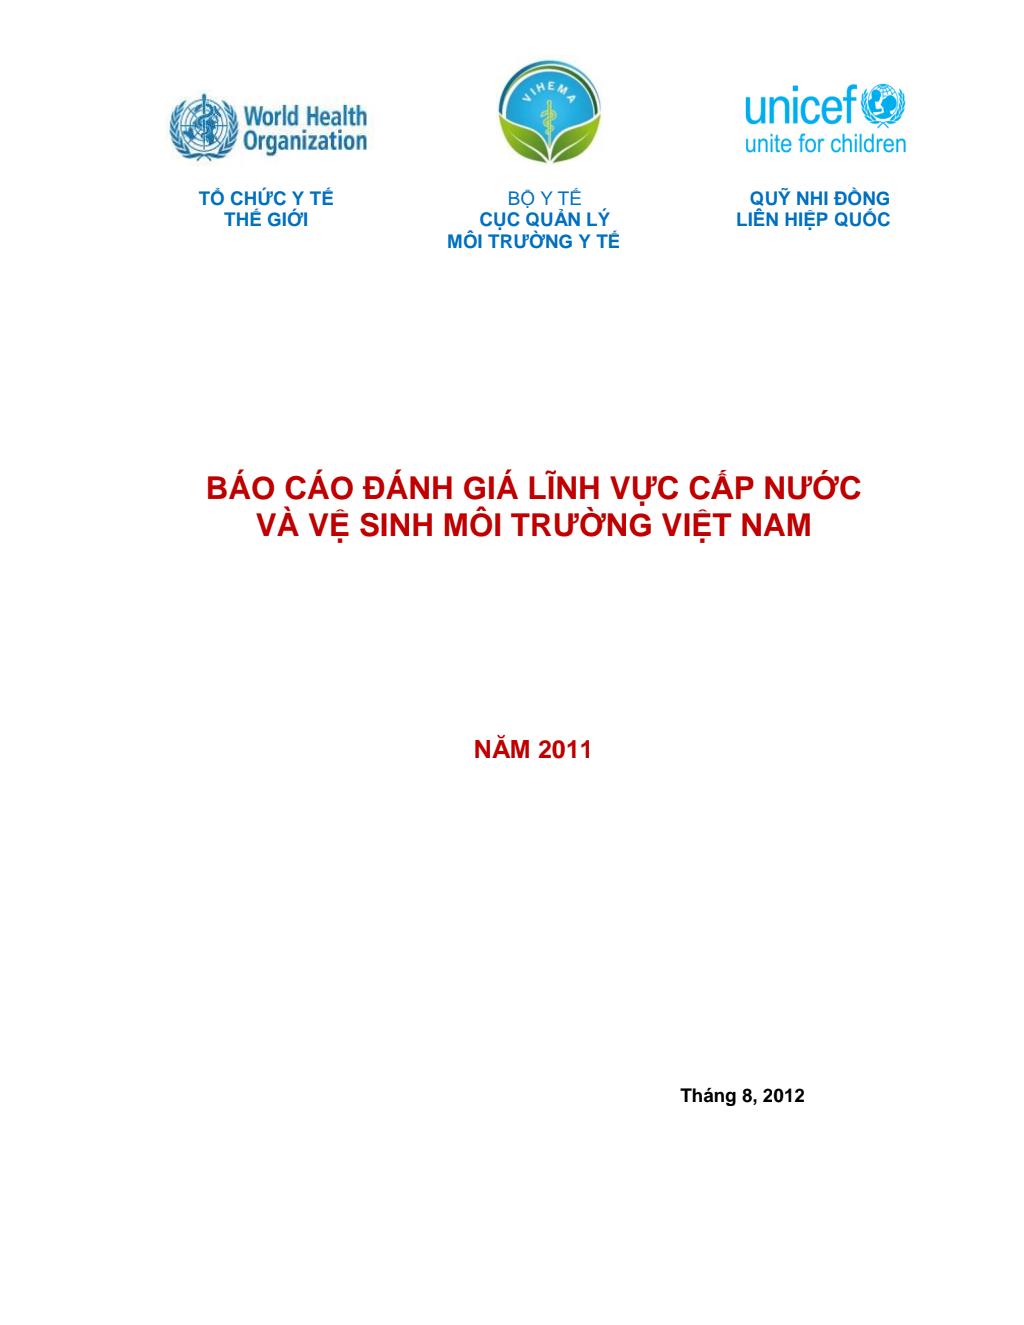 Báo cáo đánh giá lĩnh vực cấp nước và vệ sinh môi trường Việt Nam